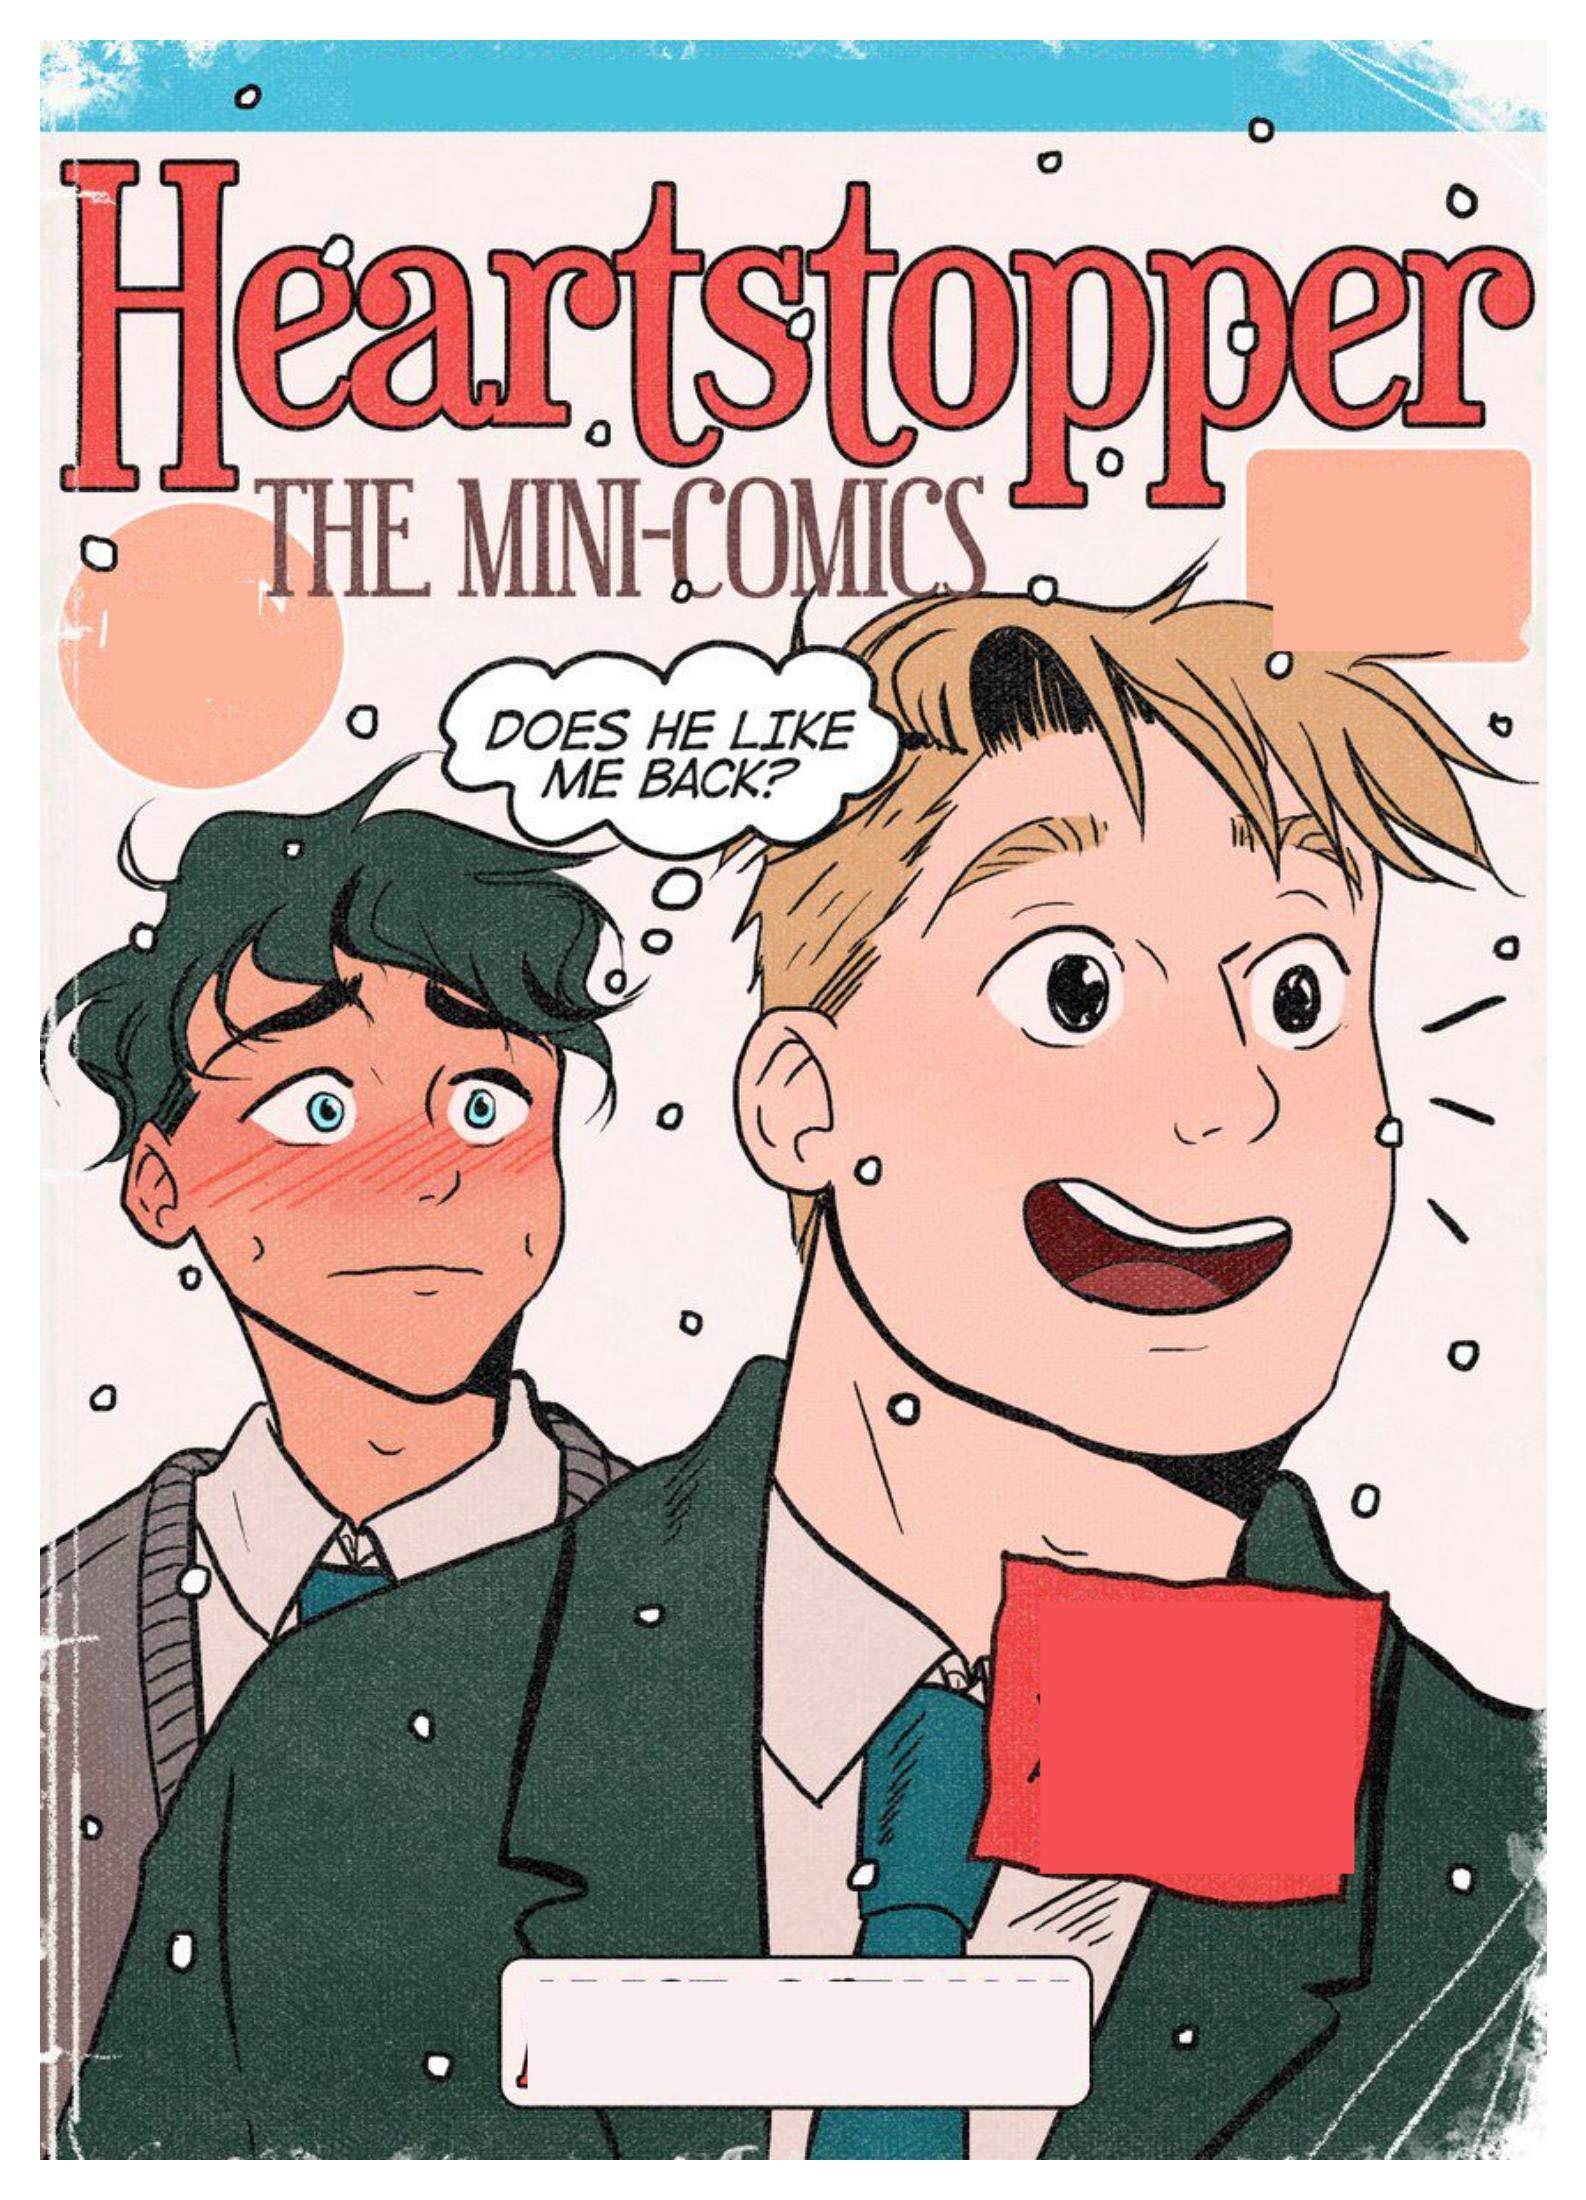 Heartstopper The Mini Comicss: Picture books for children's Enlightenment